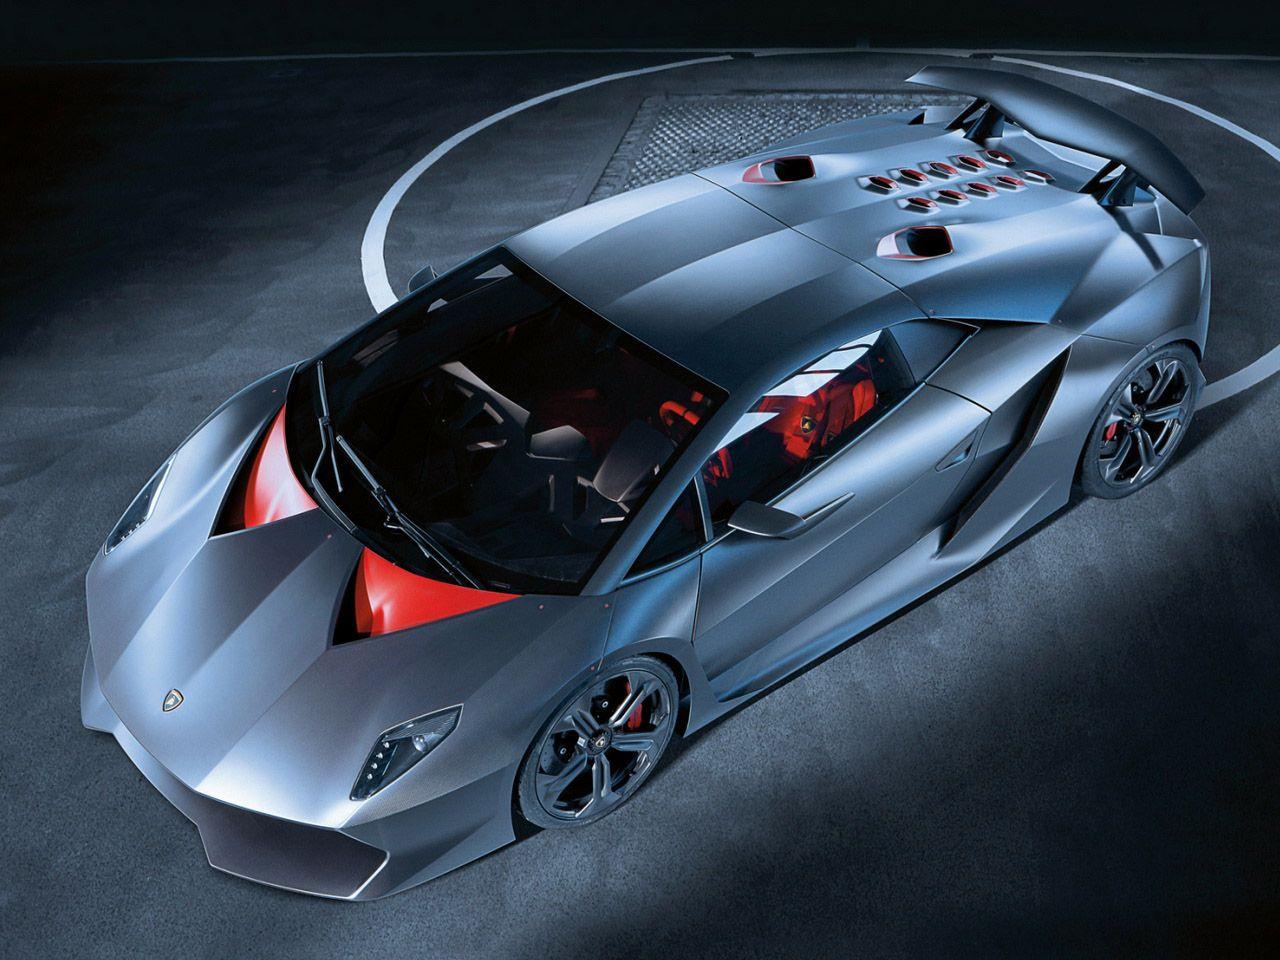 Lamborghini sesto elemento concept 2010 photo 04 car in pictures